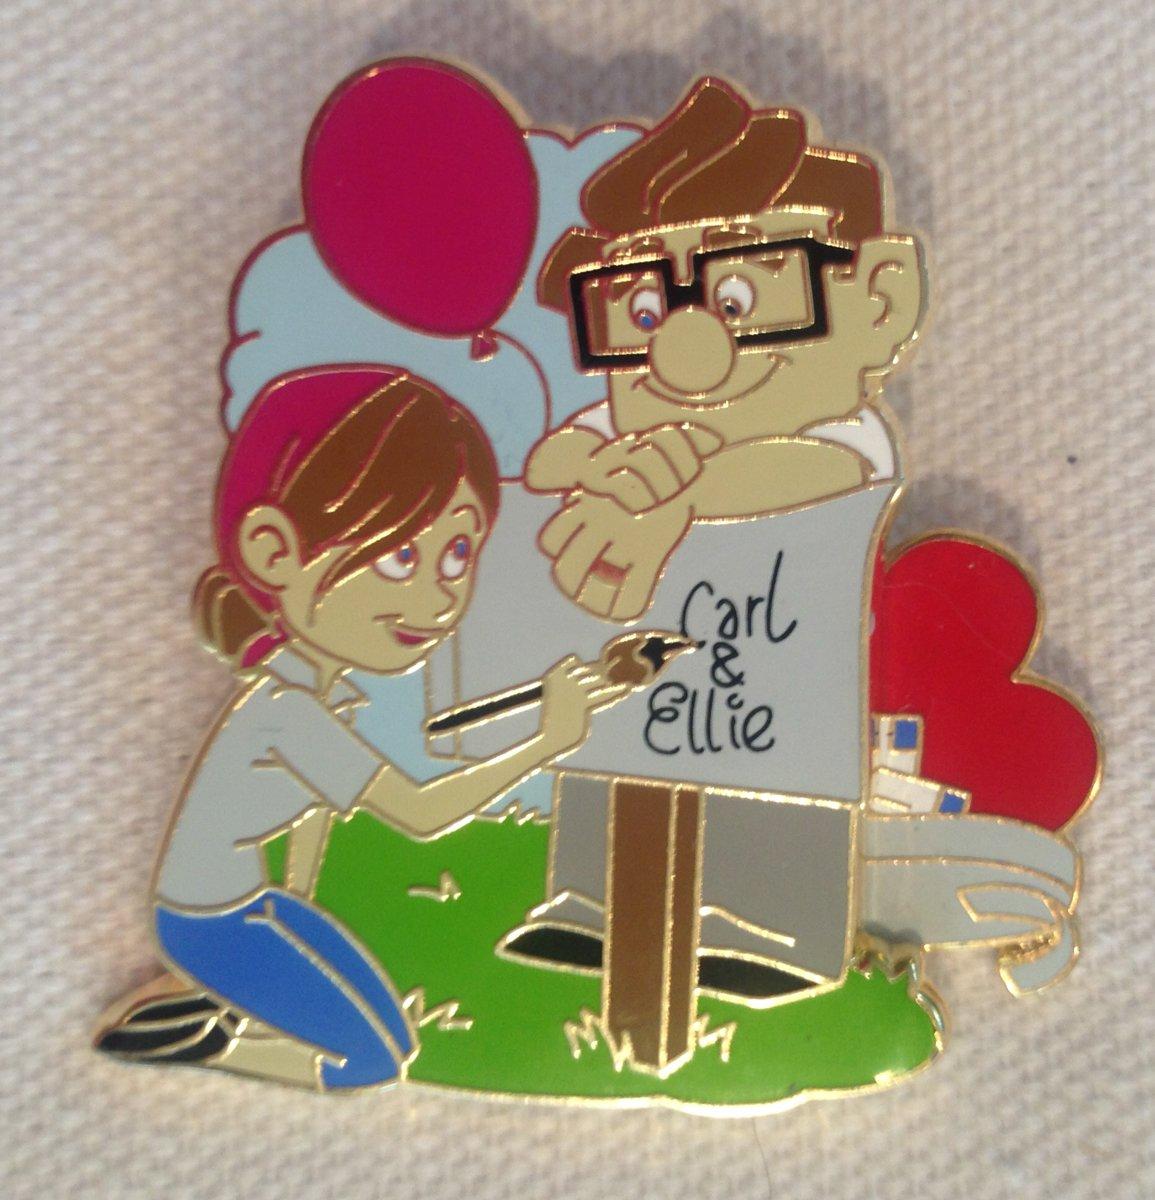 Disney Pin Carl and Ellie at the Mailbox Pin Pixar UP